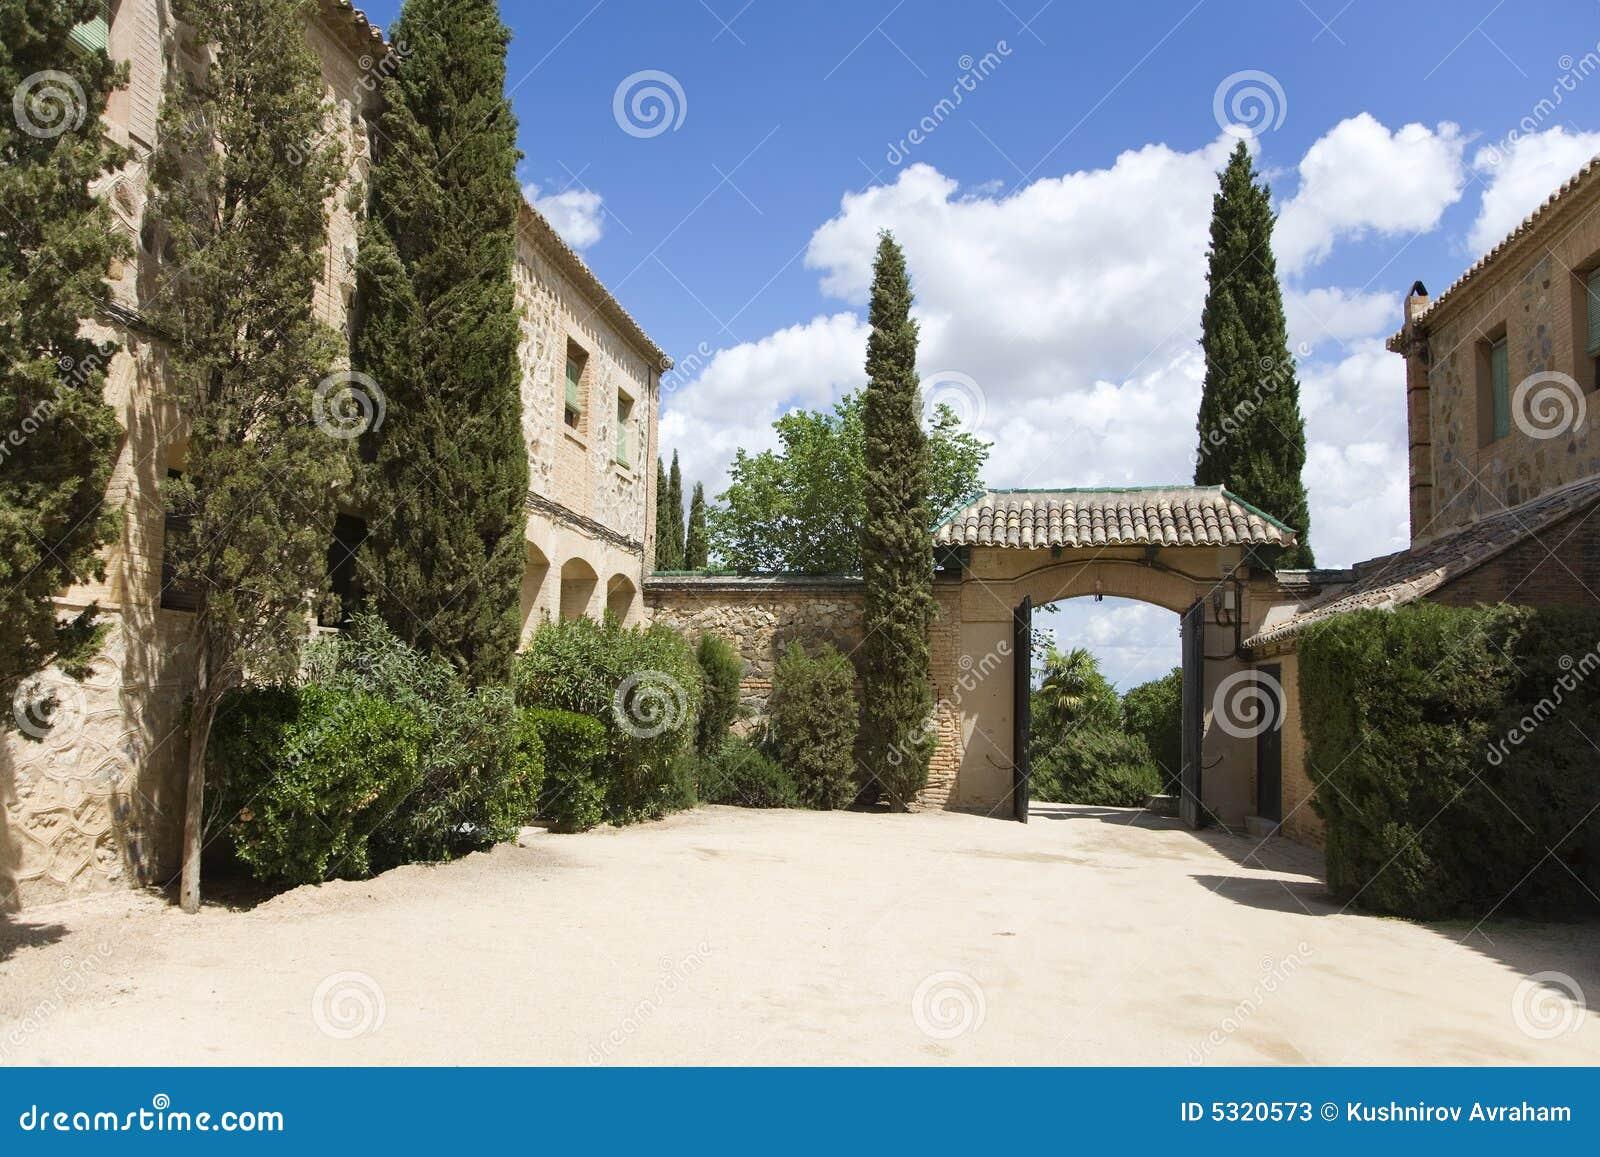 Download Hotel Rurale Silenzioso In Spagna Immagine Stock - Immagine di scenico, rurale: 5320573